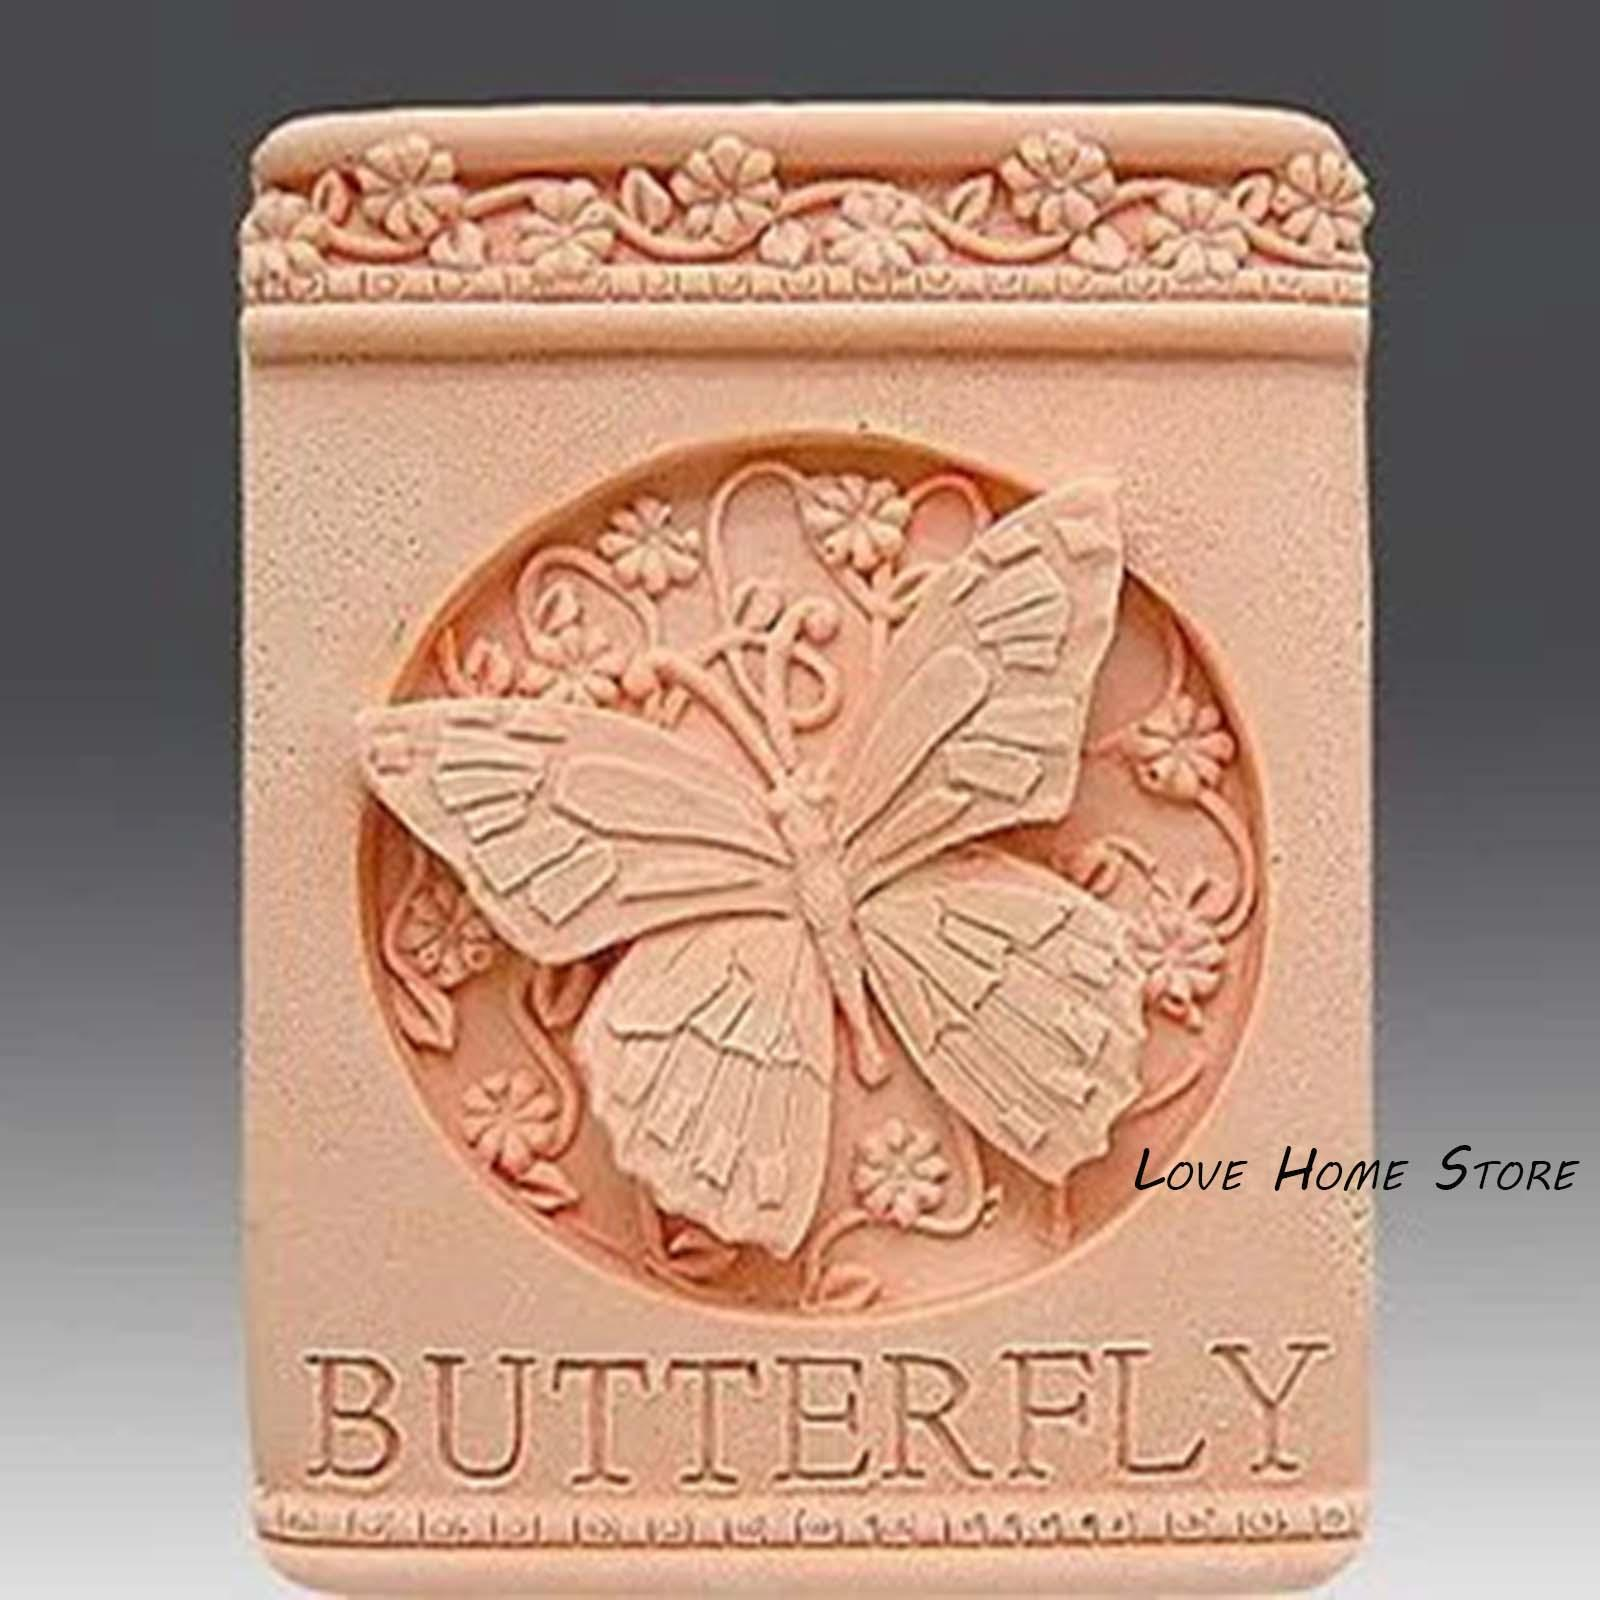 3D fai da te piazza torta farfalla zucchero muffa del cioccolato del biscotto del ghiaccio della gelatina del sapone di cottura della cucina della muffa strumenti di modellazione